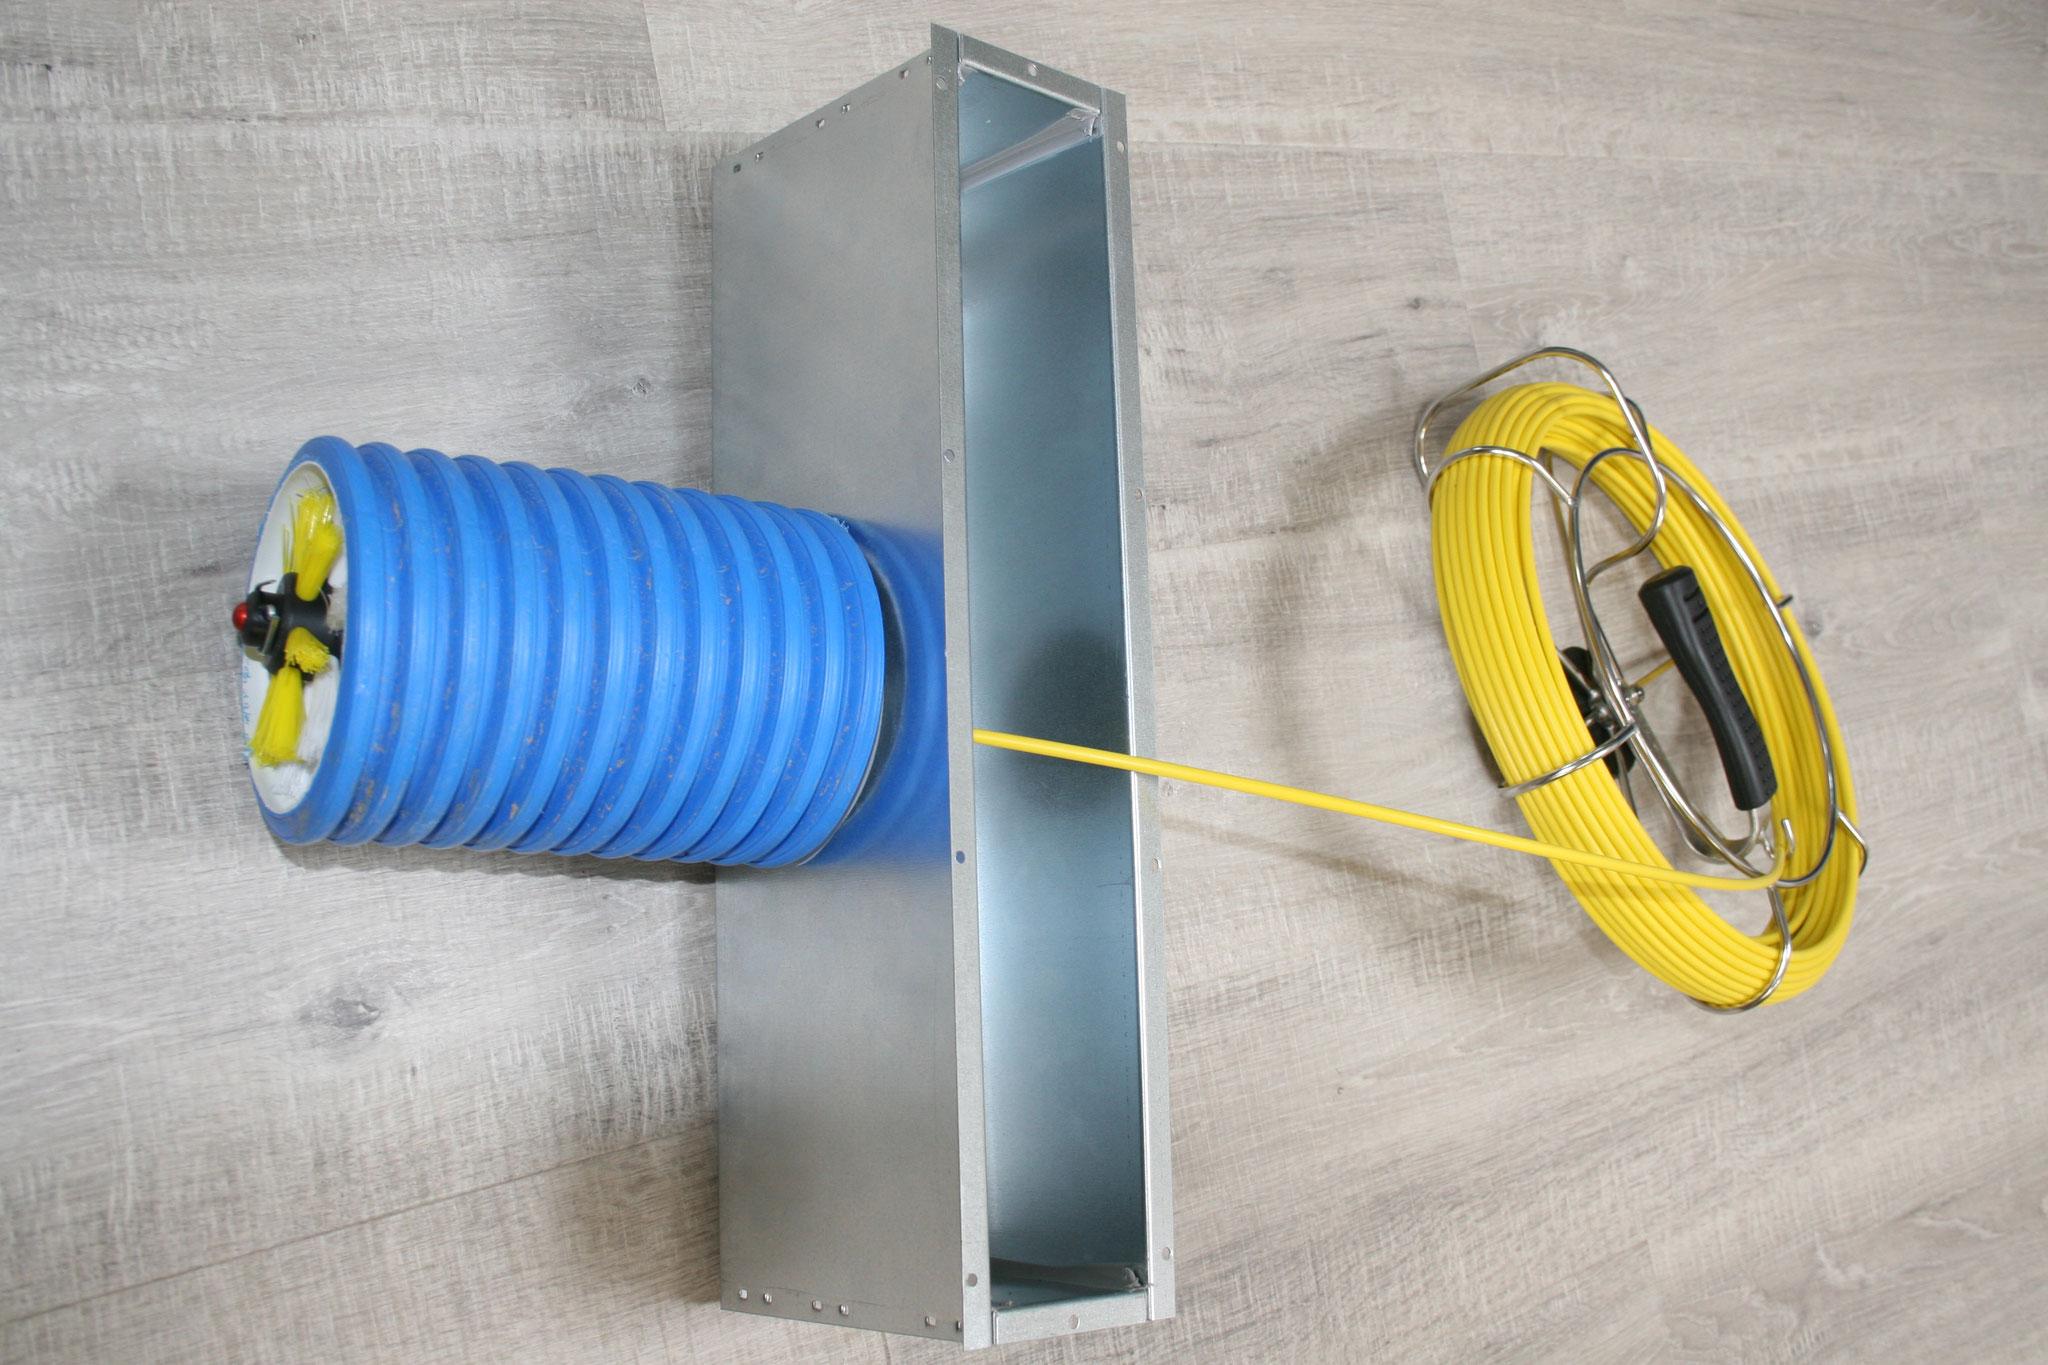 Mit der Handwelle kann auch via engste Zugänge gereinigt werden. Im Bild eine Lüftungsbox mit 7cm Breite!